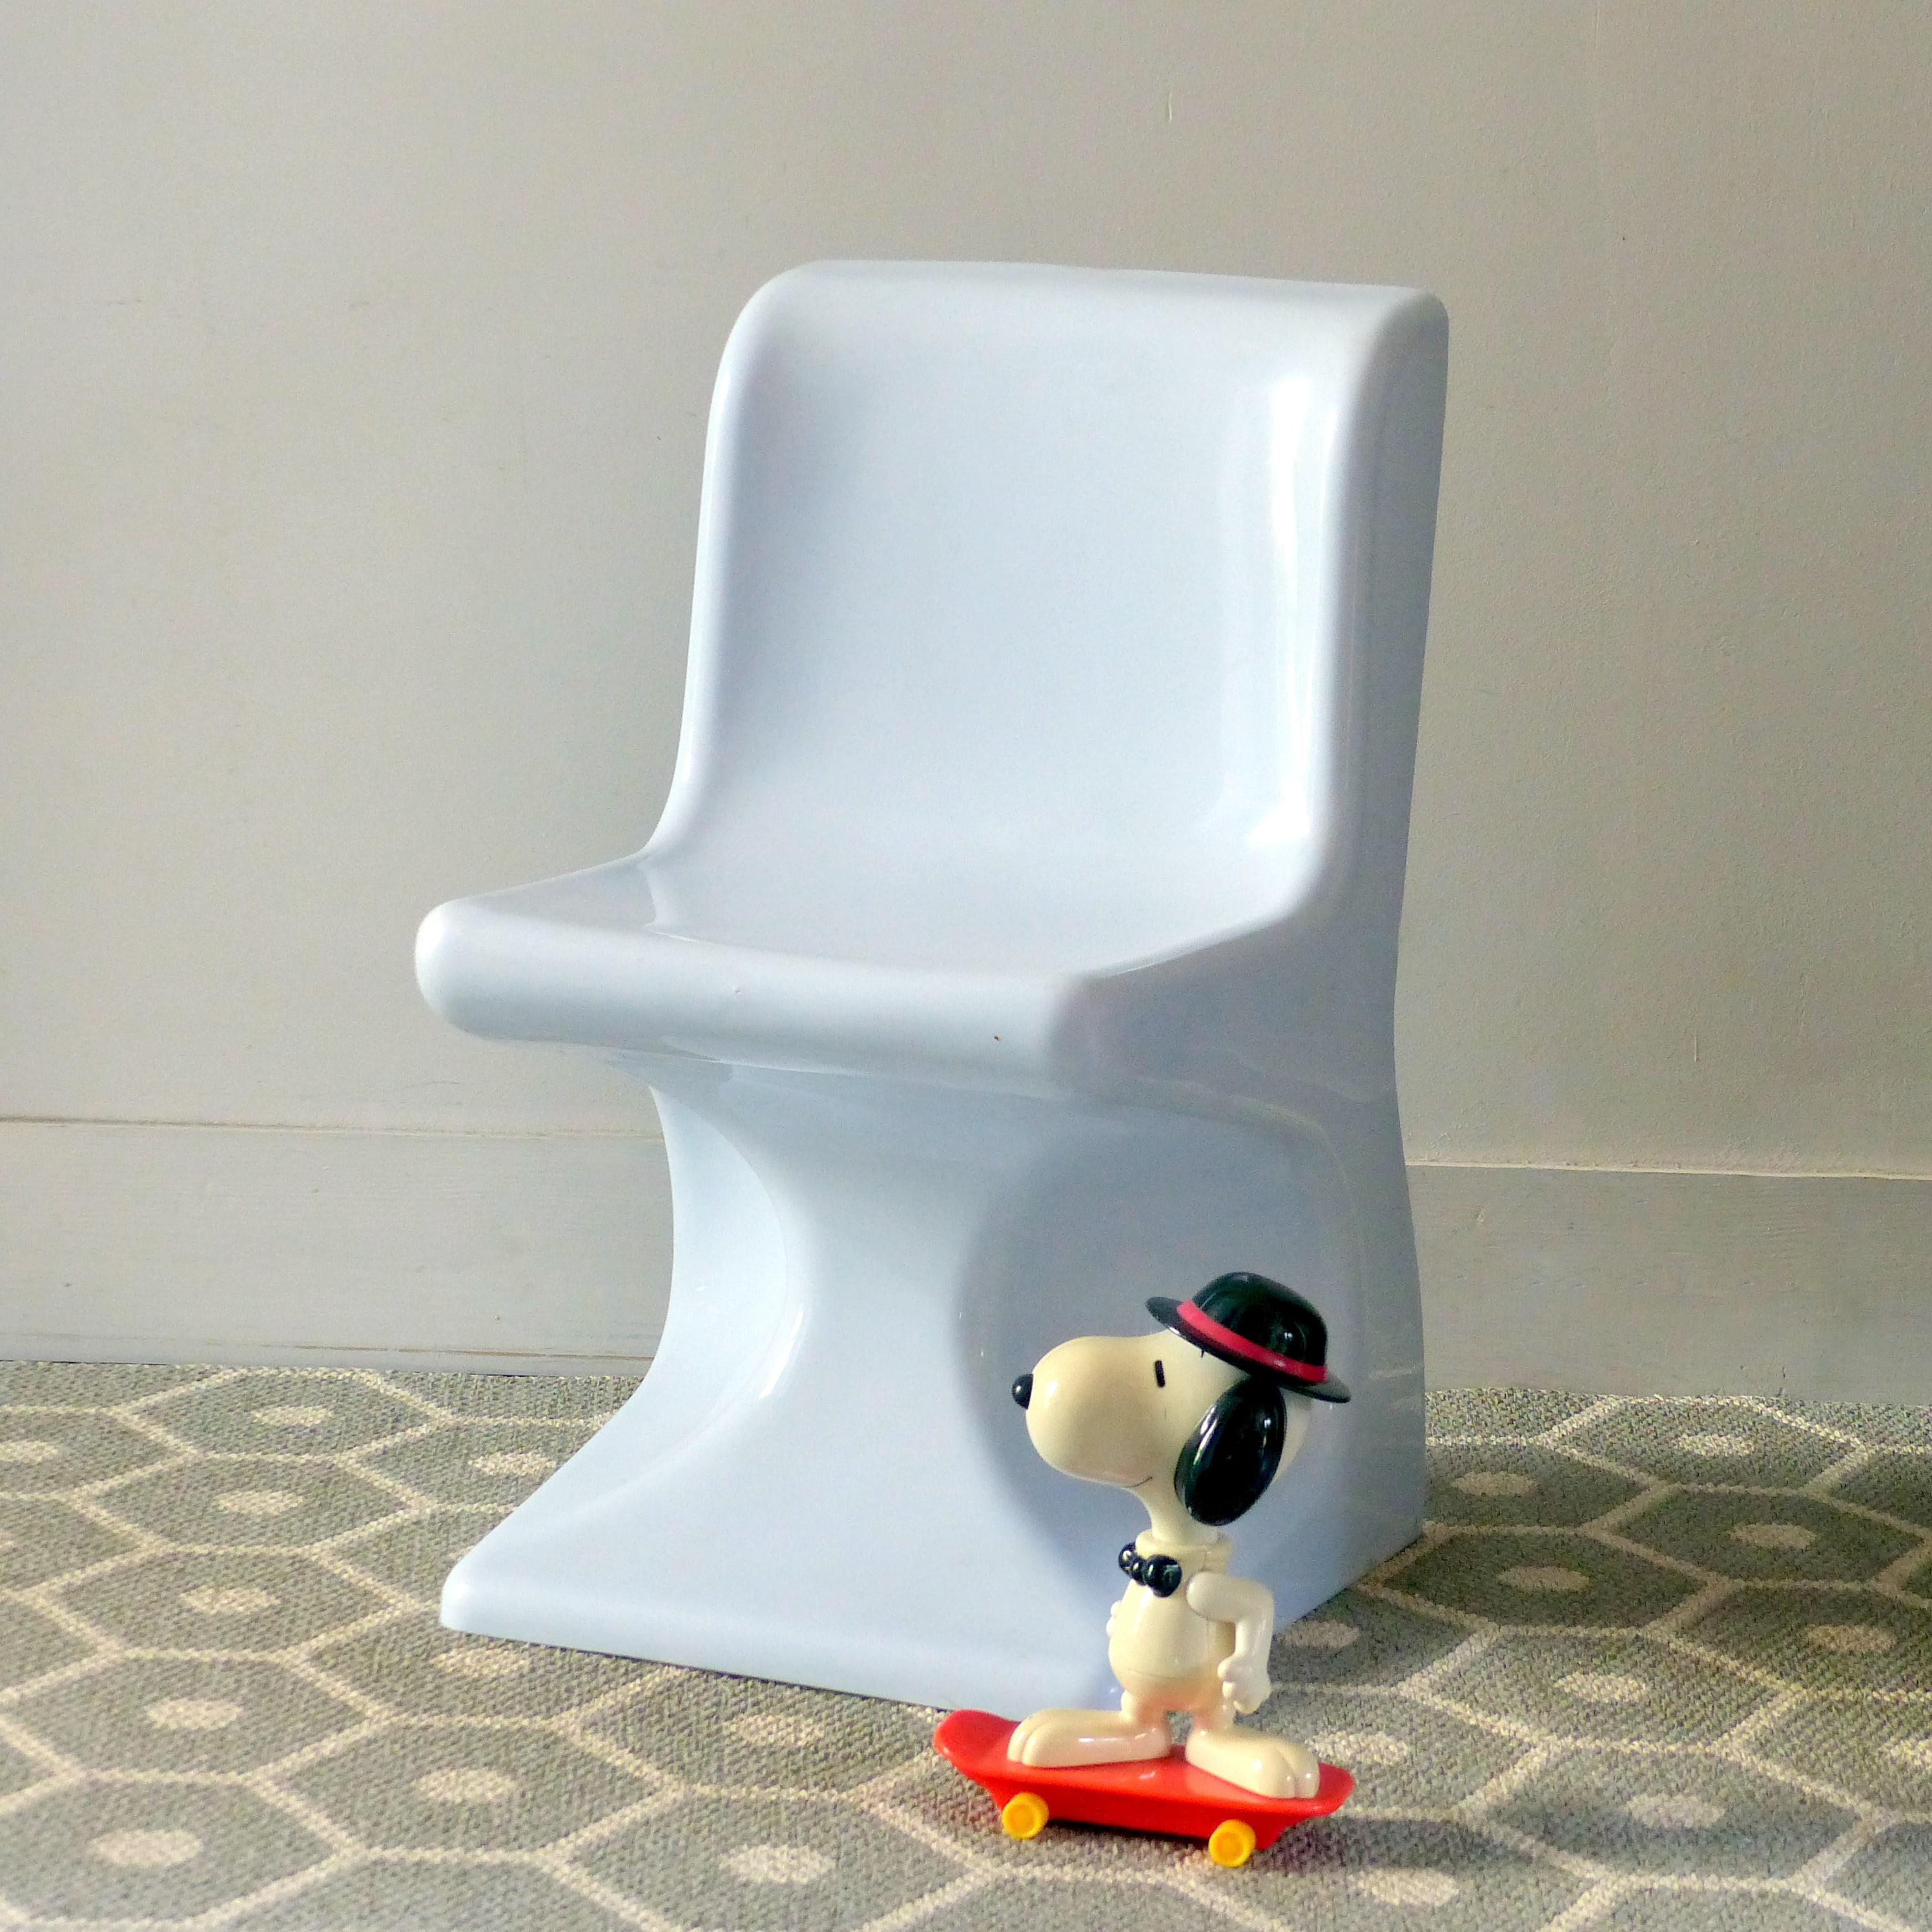 chaise en plastique moul selap lignedebrocante brocante en ligne chine pour vous meubles. Black Bedroom Furniture Sets. Home Design Ideas